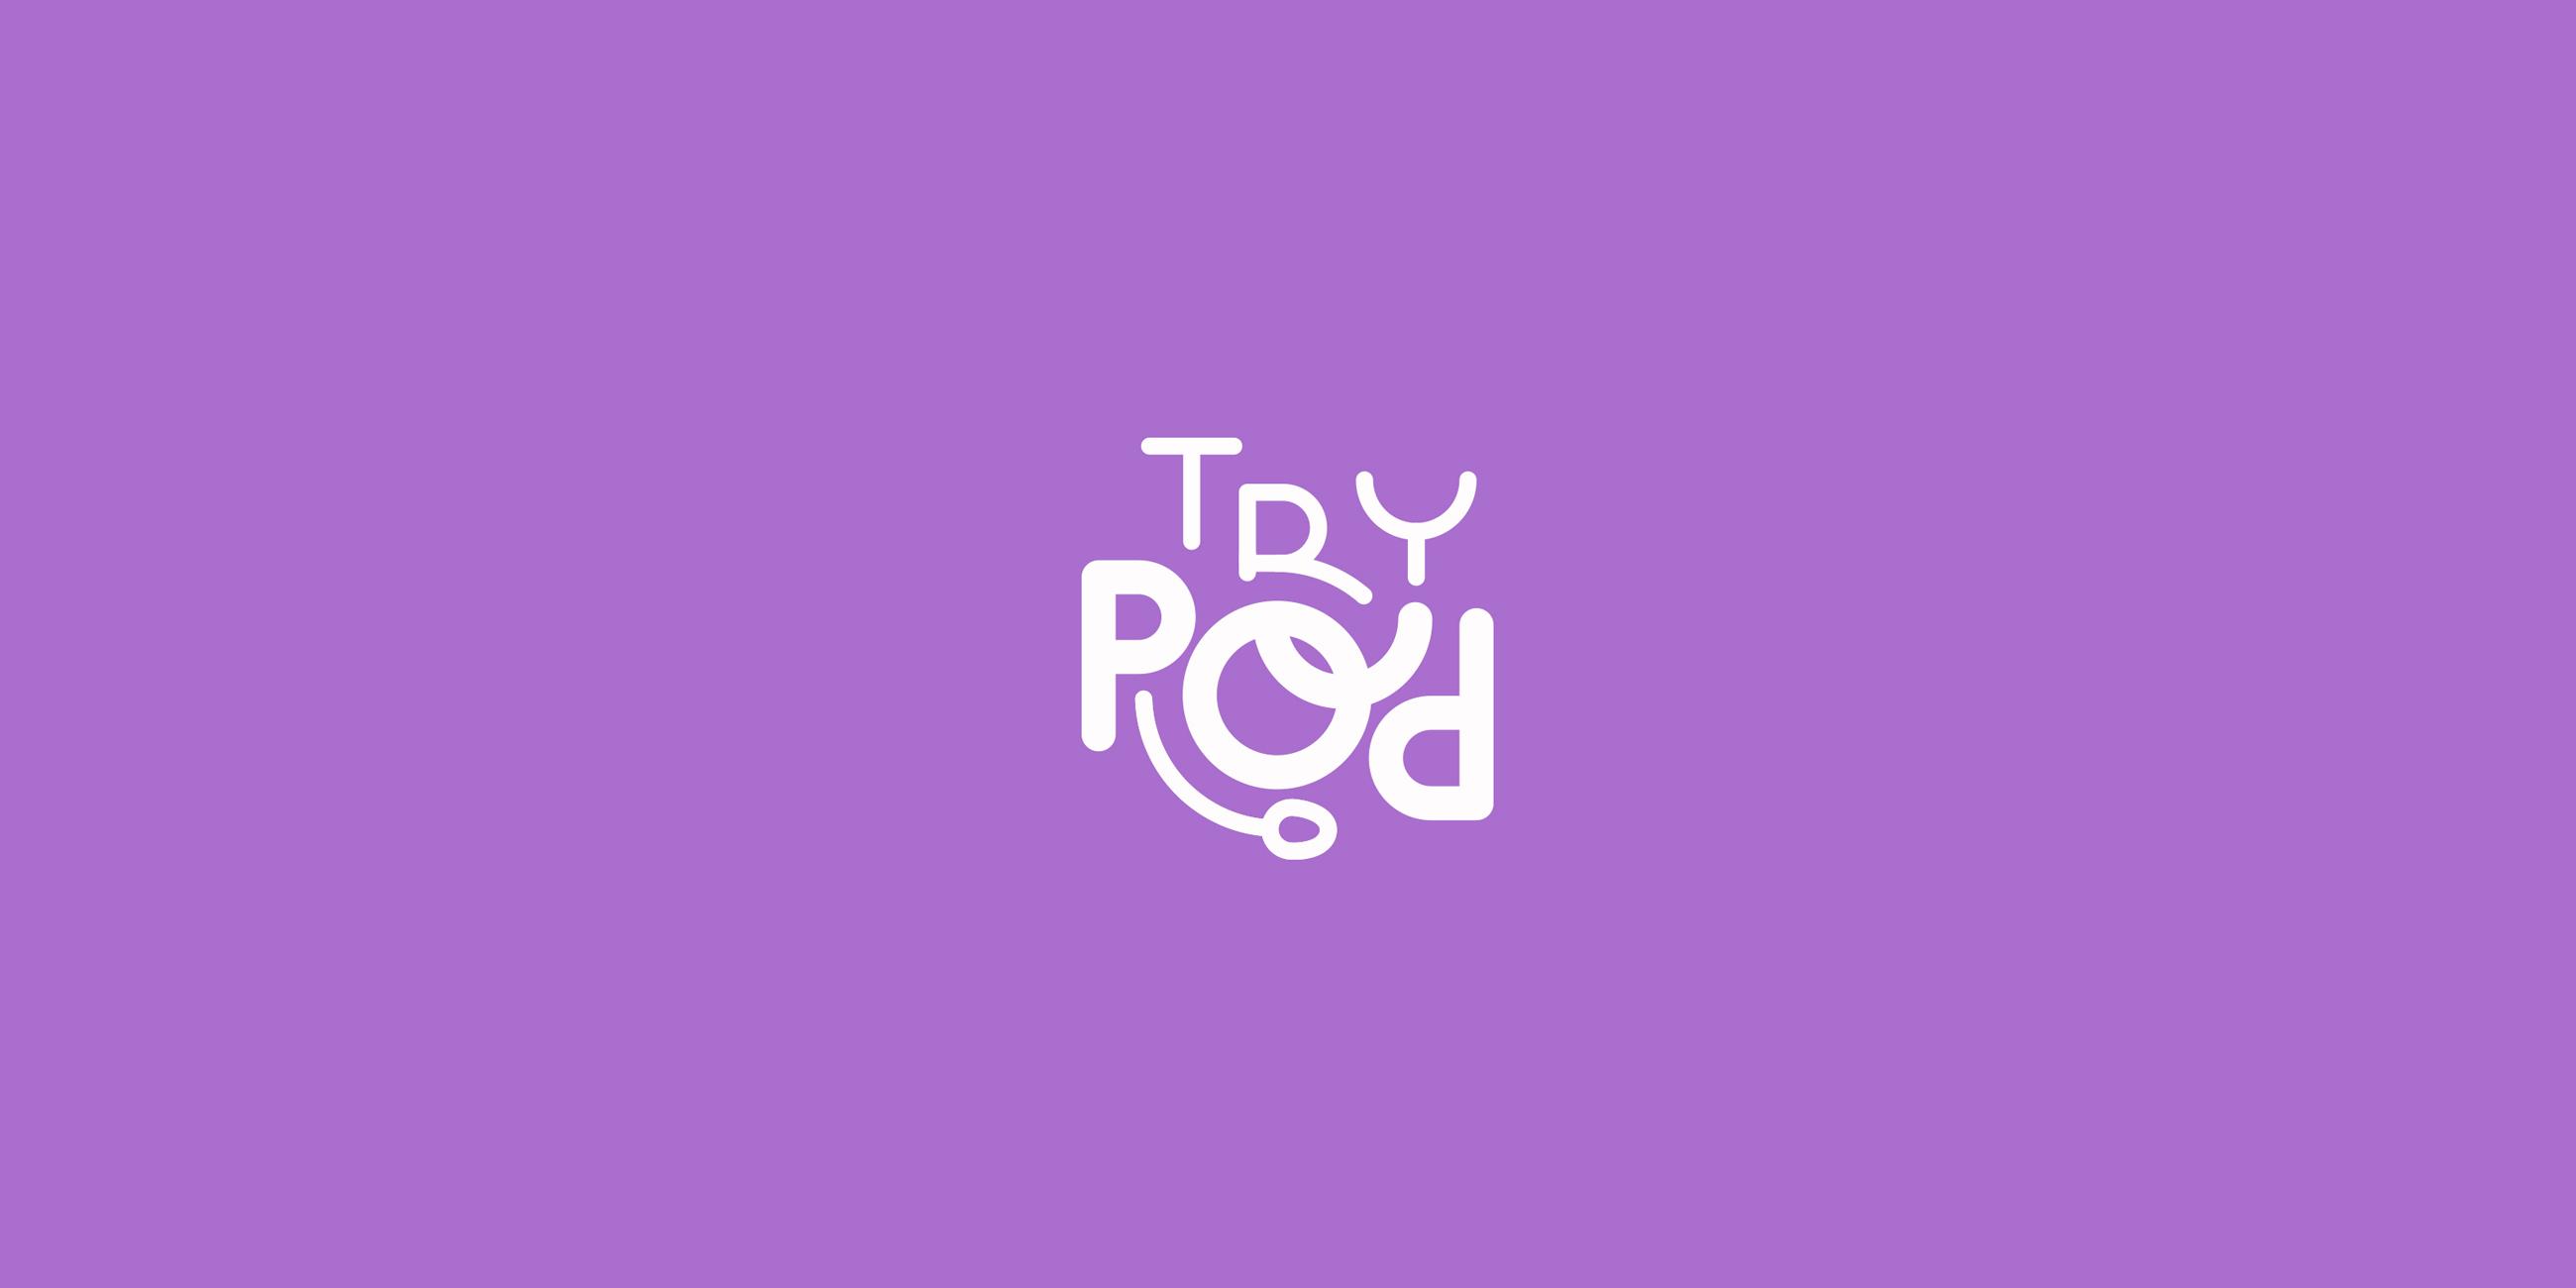 logo_trypod2